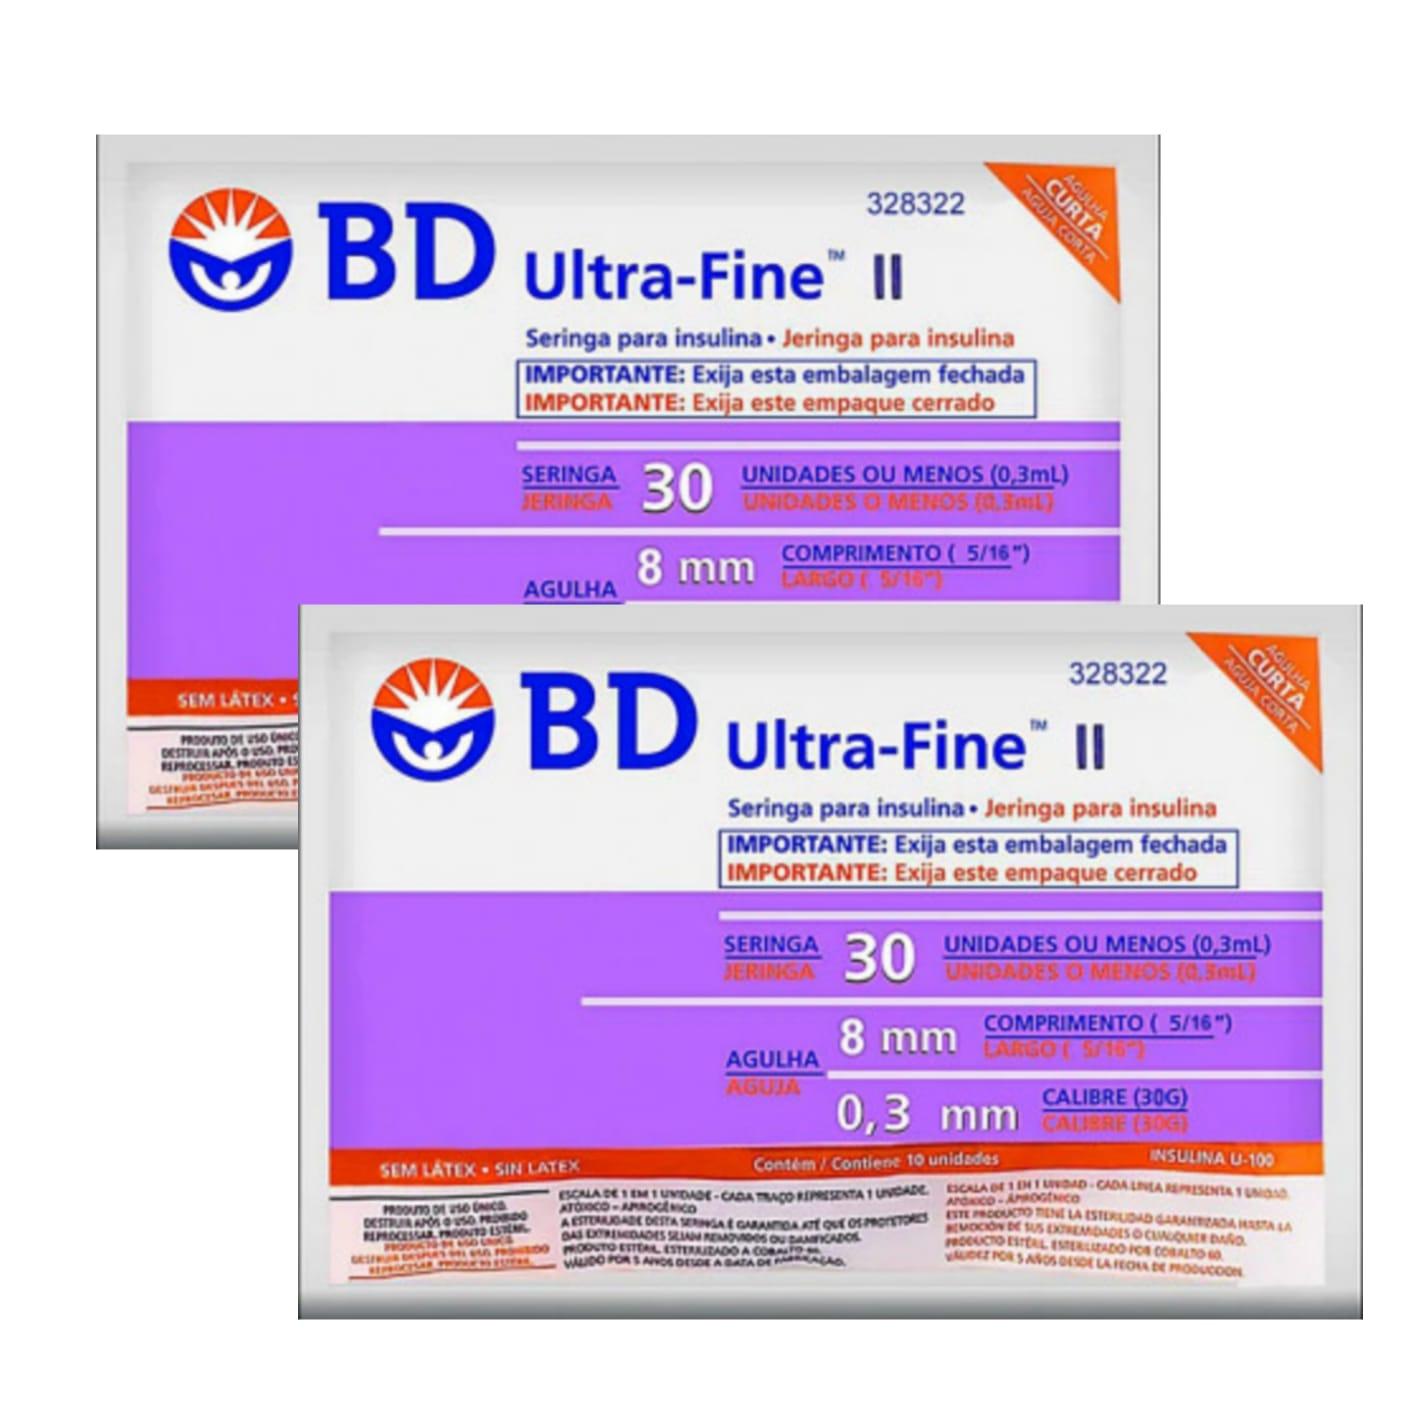 Seringa para Insulina BD Ultrafine 0,3mL (30UI) Agulha 8x0,3mm 30G  - LEVE 2 PACOTES  - Diabetes On - Vendido e Entregue por Diabetic Center